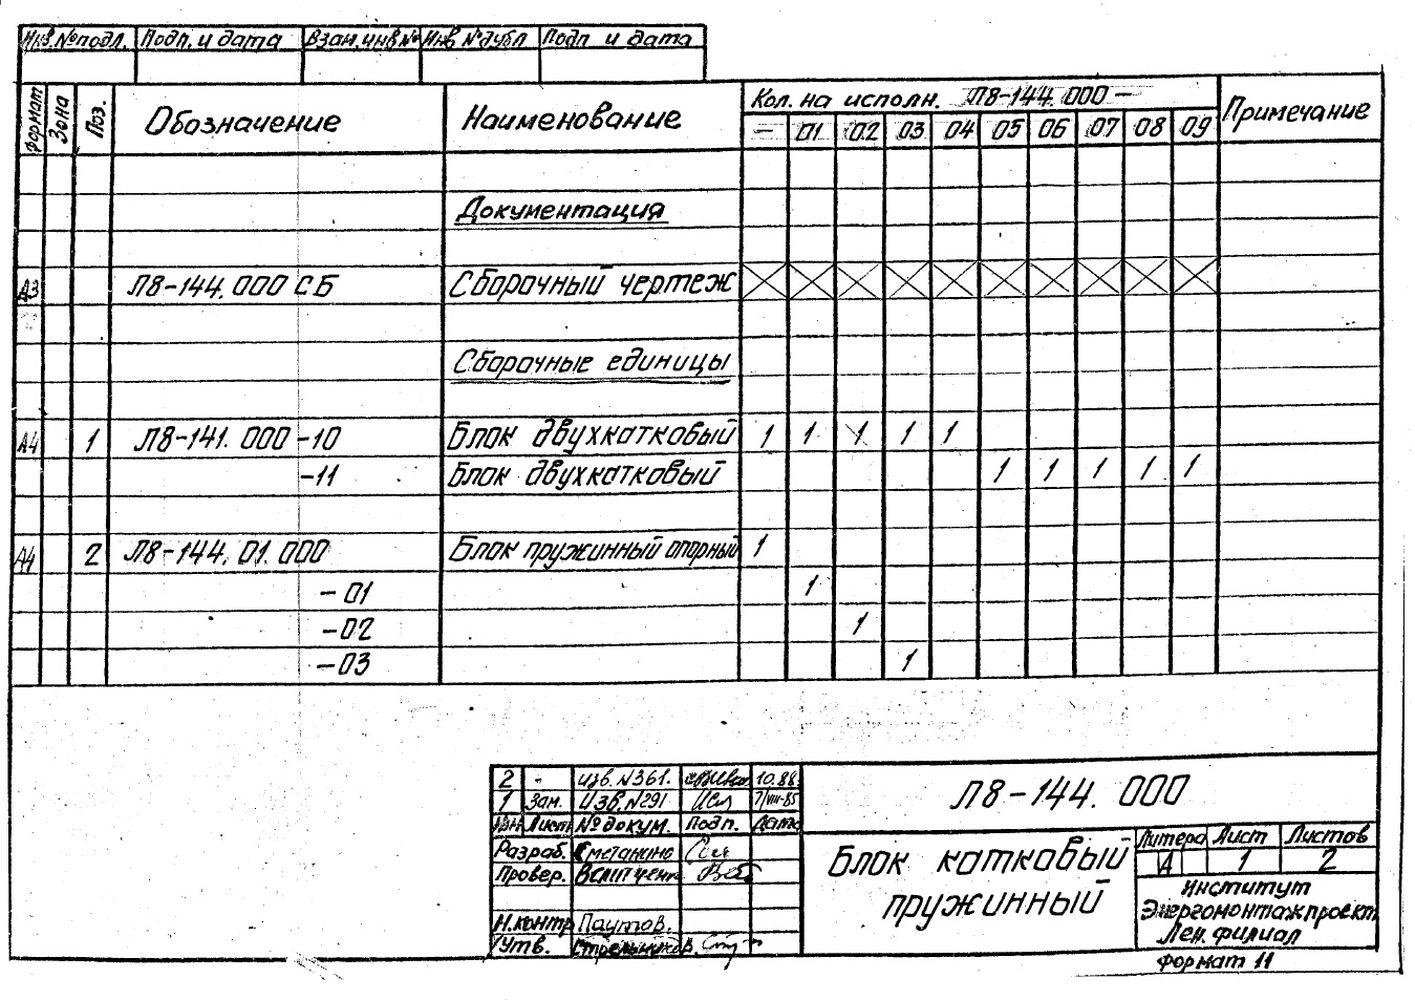 Блок катковый пружинный Л8-144.000 стр.3